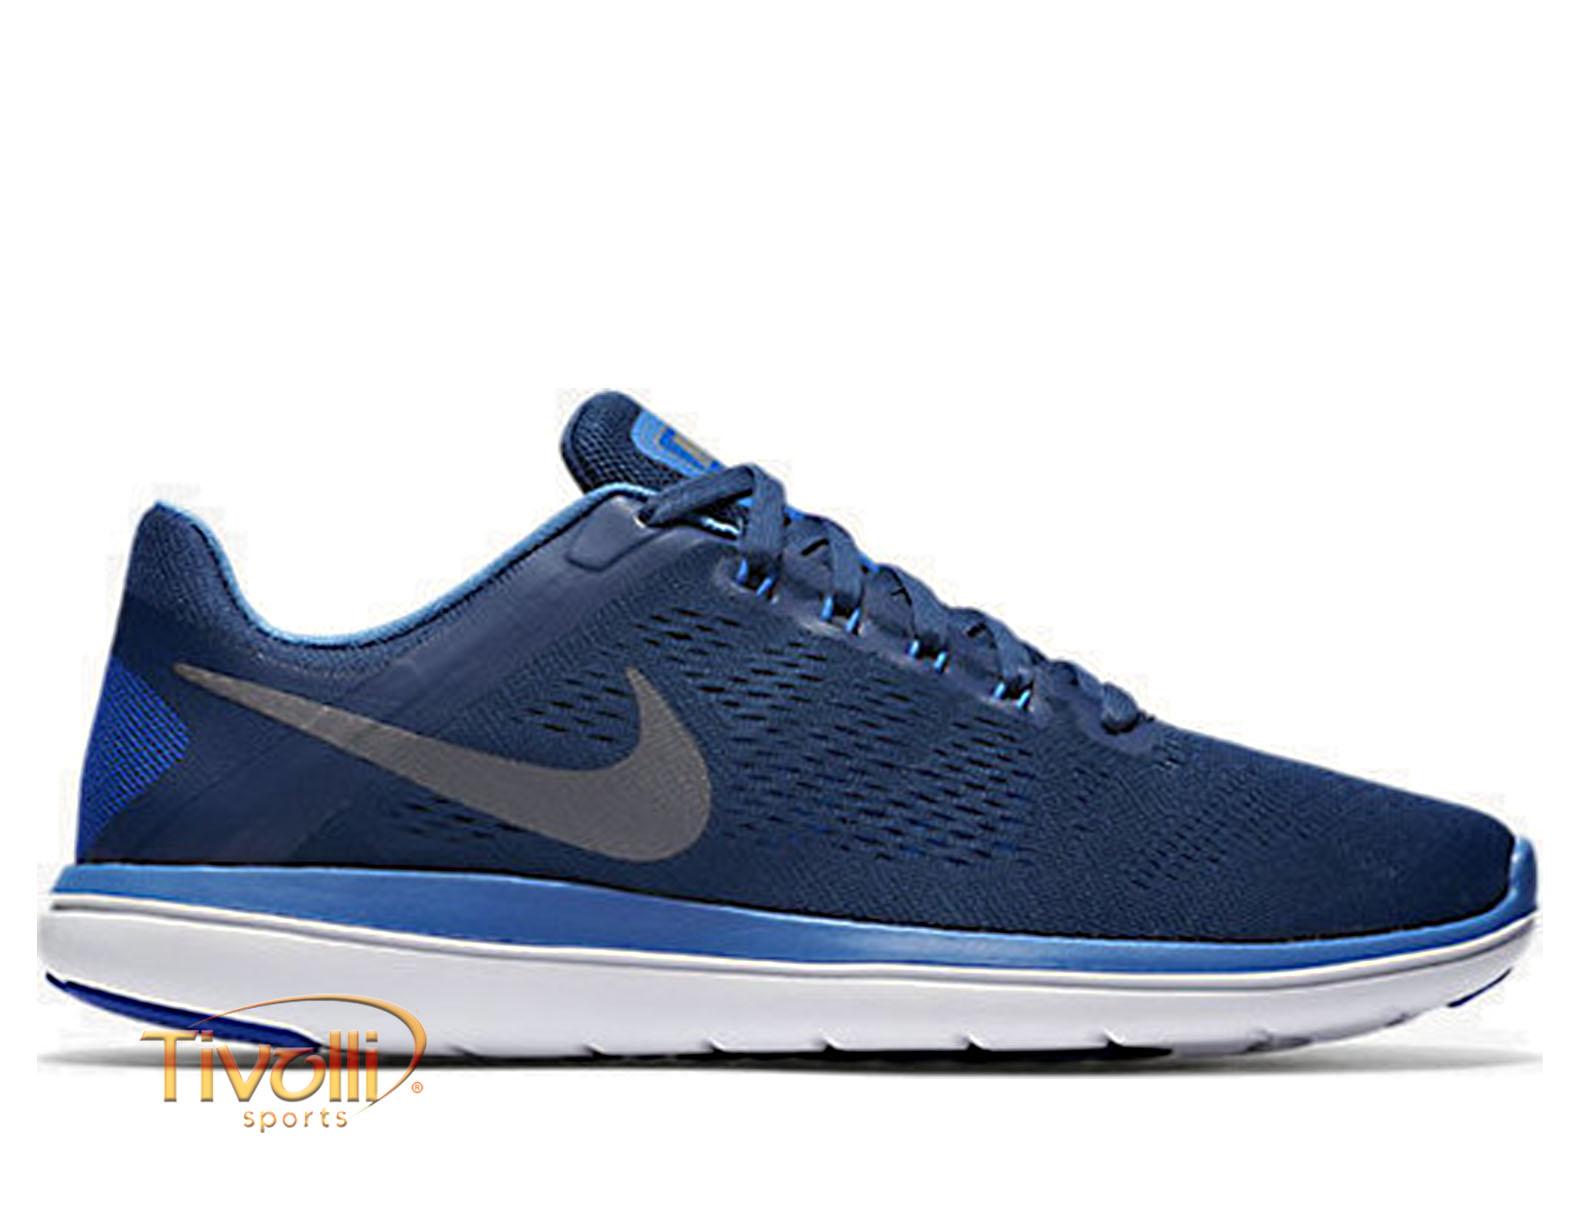 e076599bce Raquete Mania   Tênis Nike Flex 2016 RN   Azul